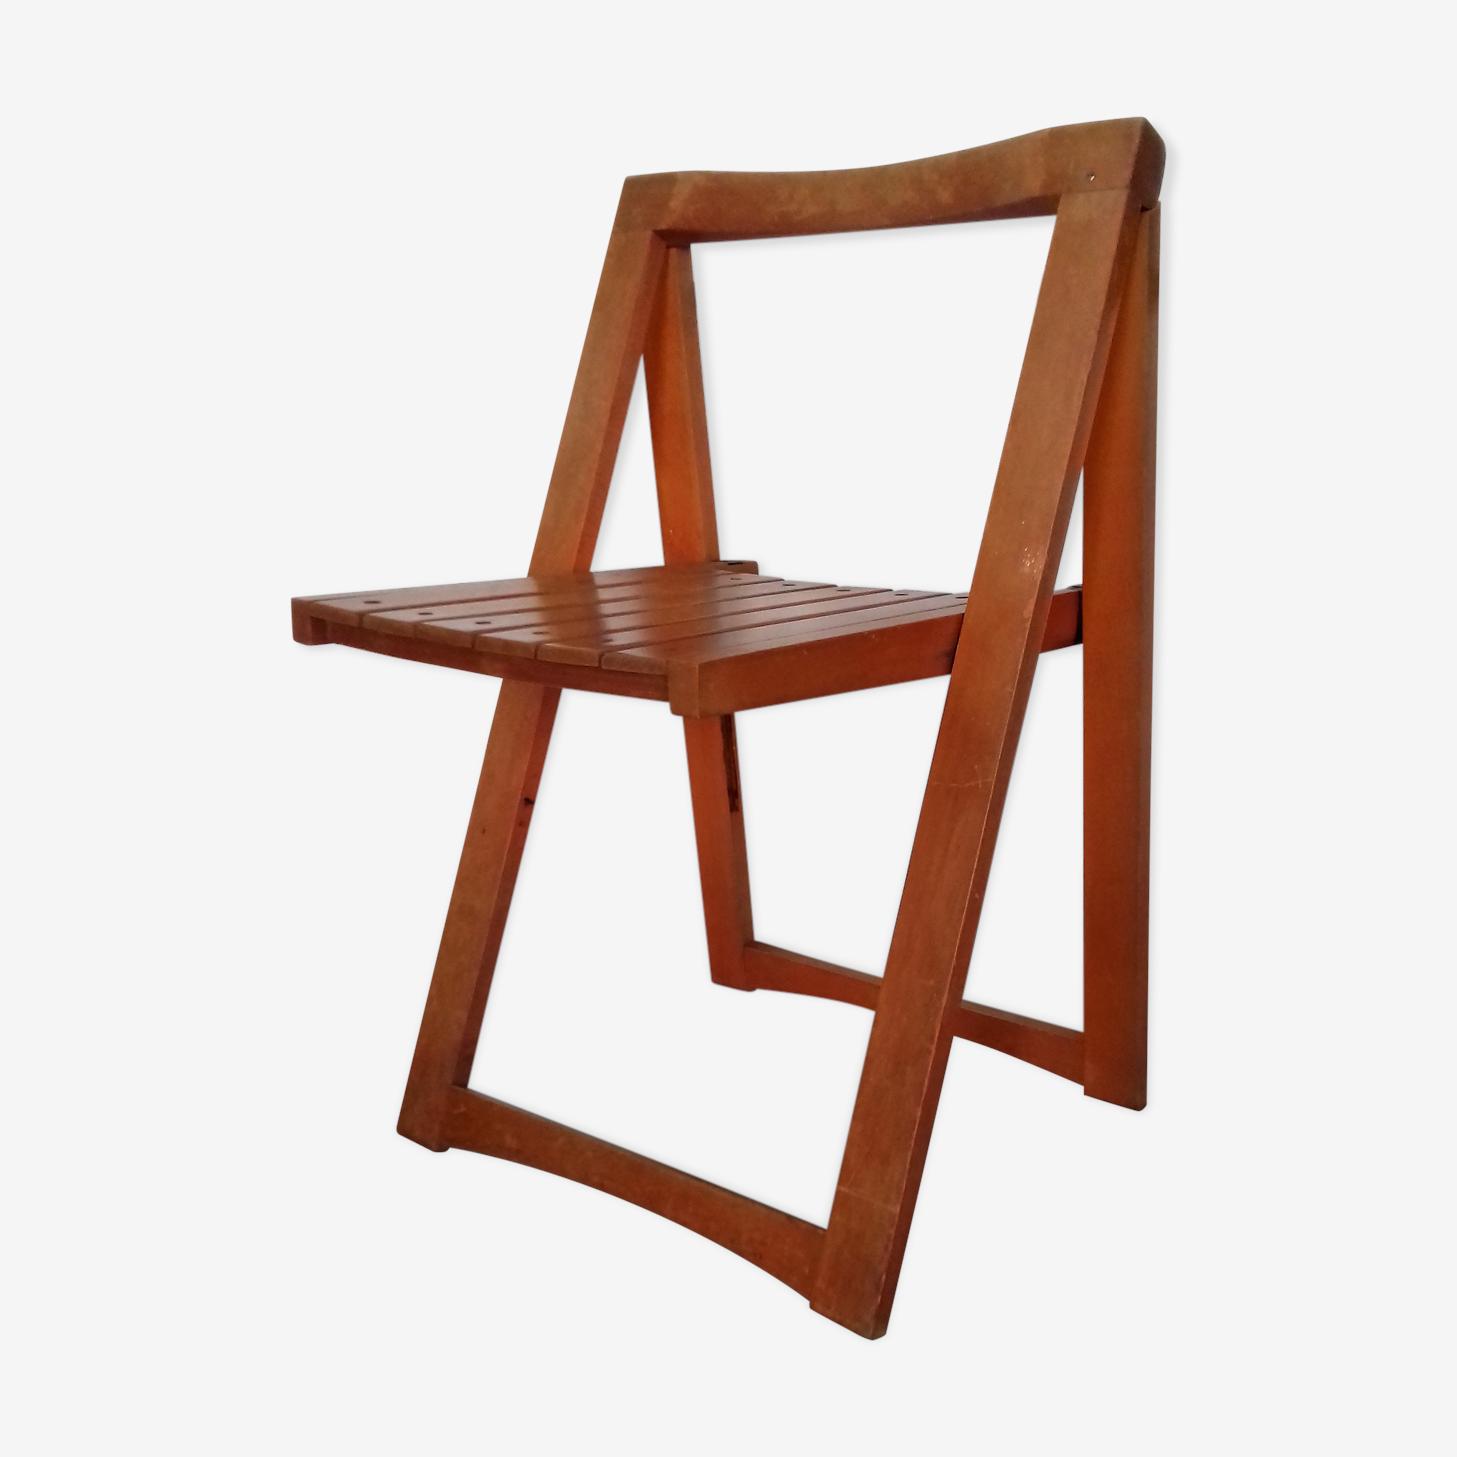 Chaise pliante d'Aldo Jacober années 60-70